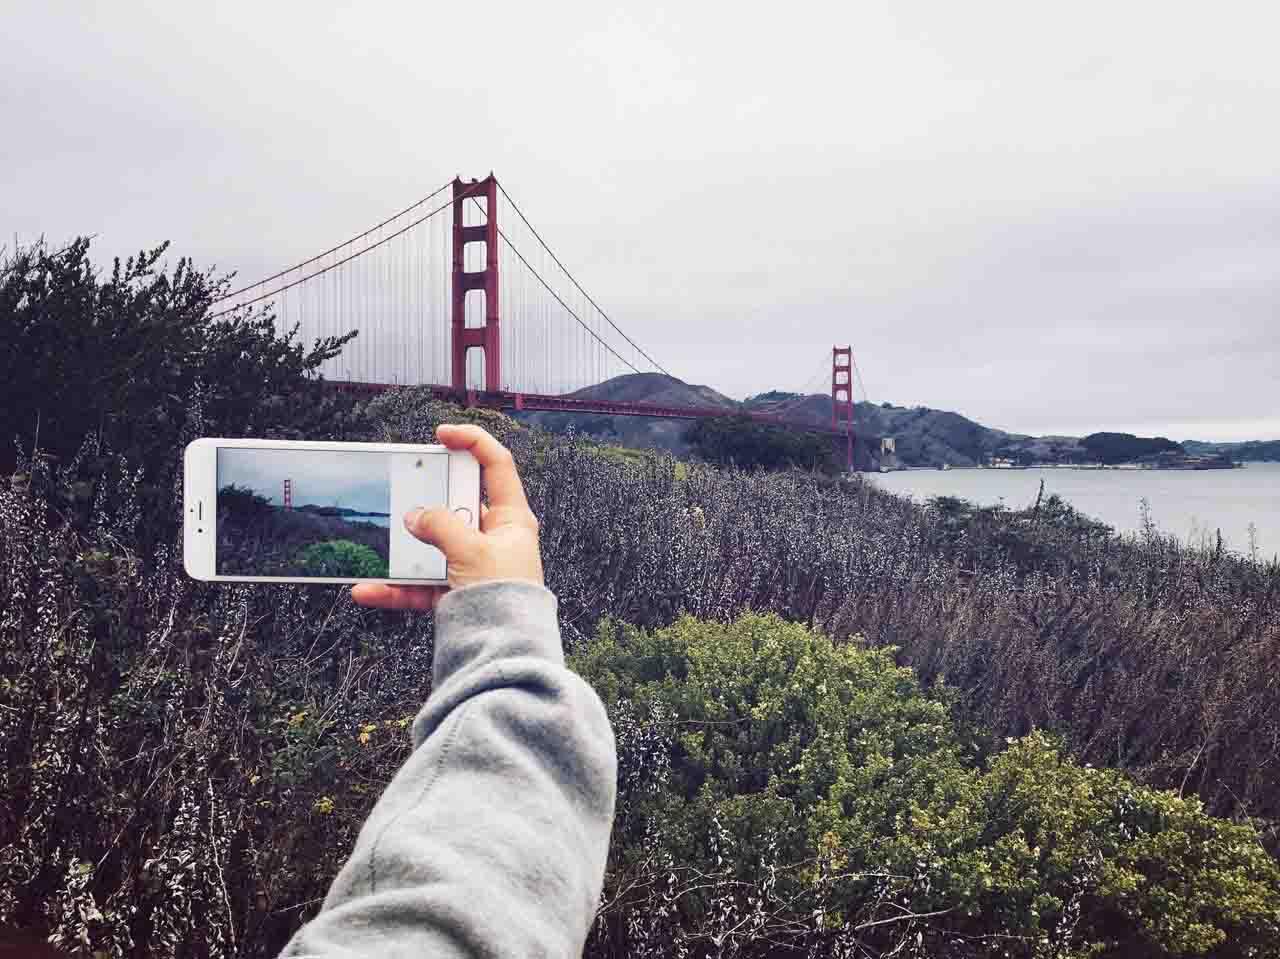 舊金山必去景點推薦 -10 places you must visit in San Francisco